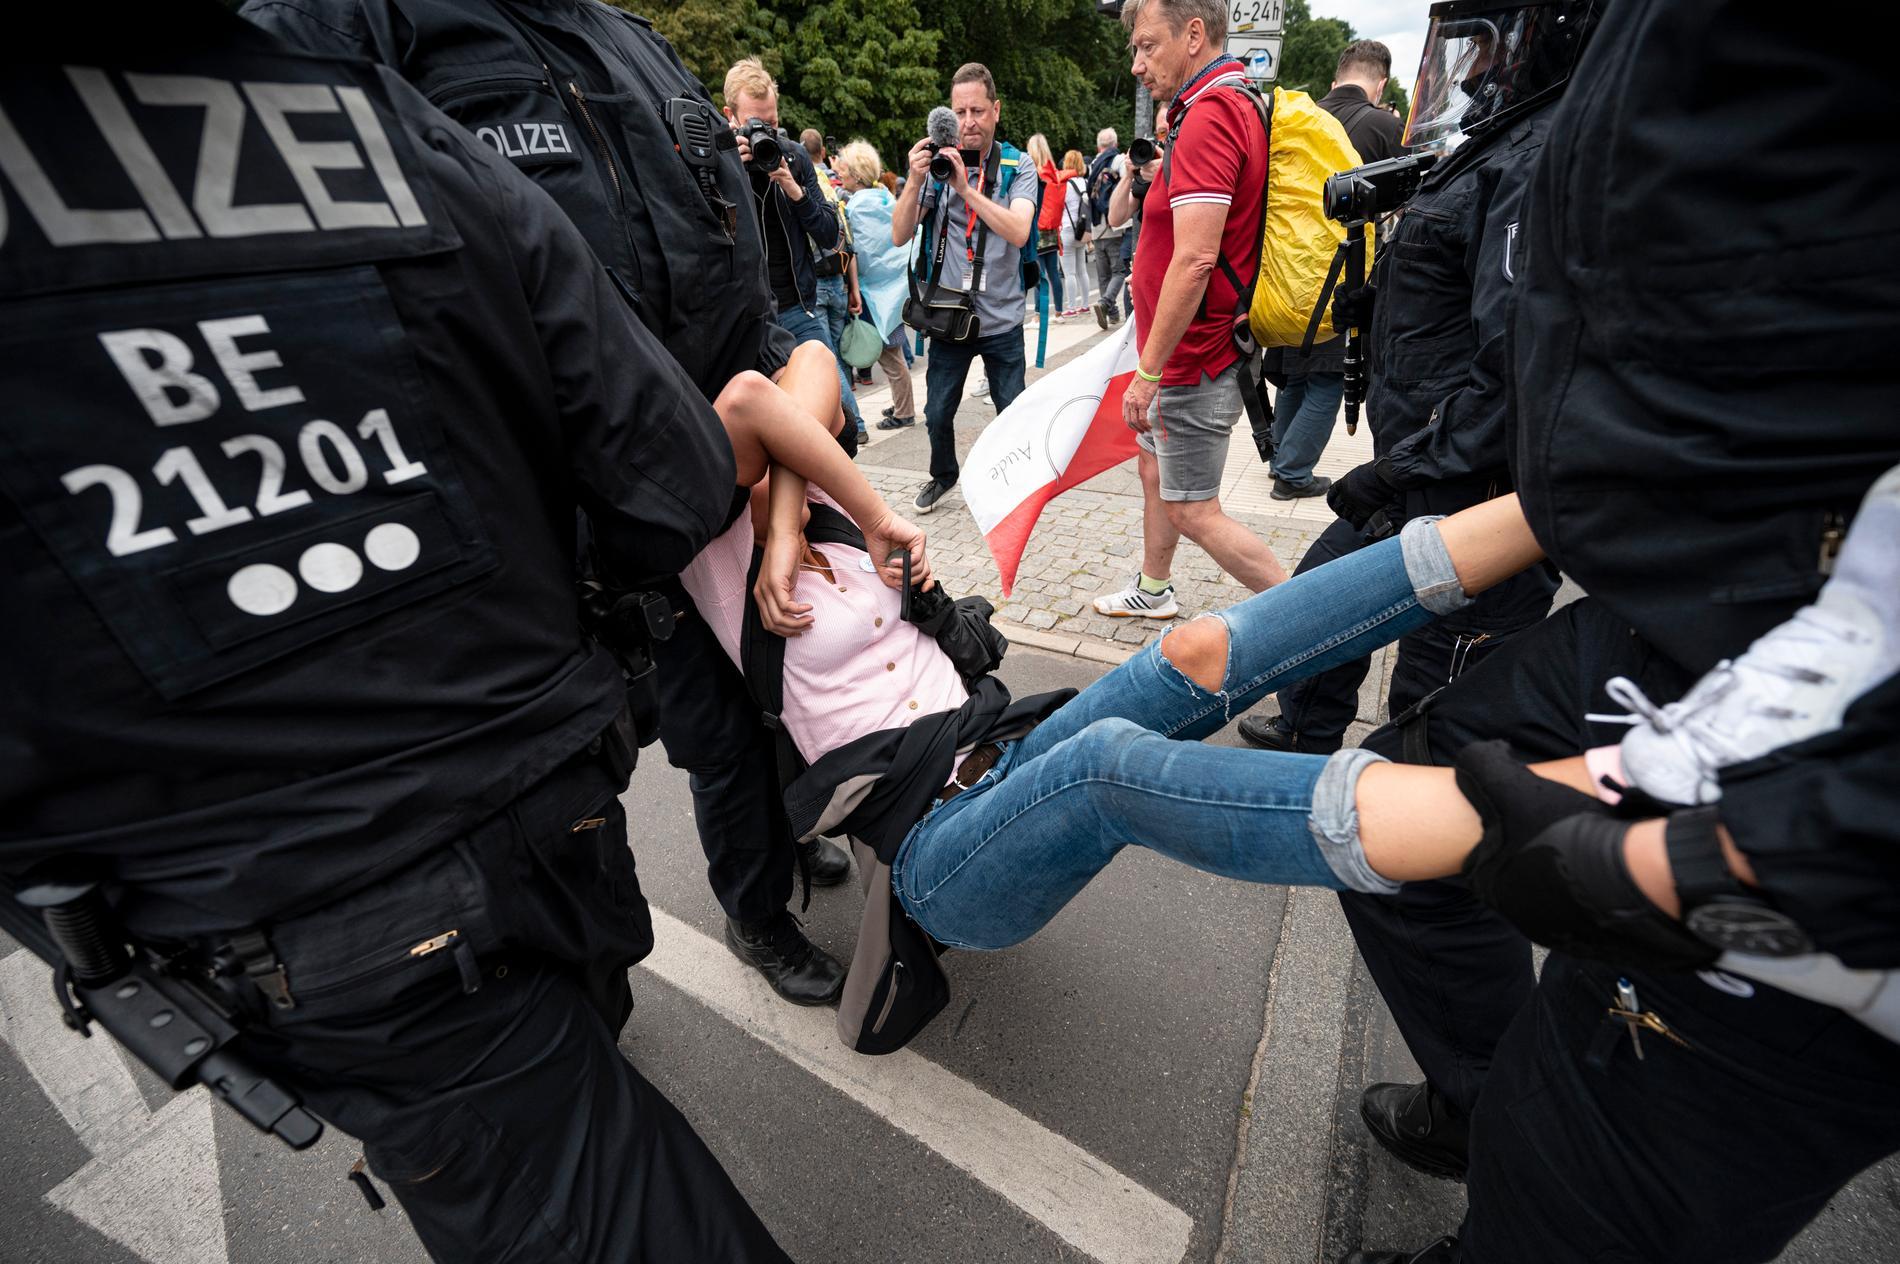 Polis griper en deltagare i den olagliga demonstrationen mot Tysklands coronaregler i Berlin på söndagen.